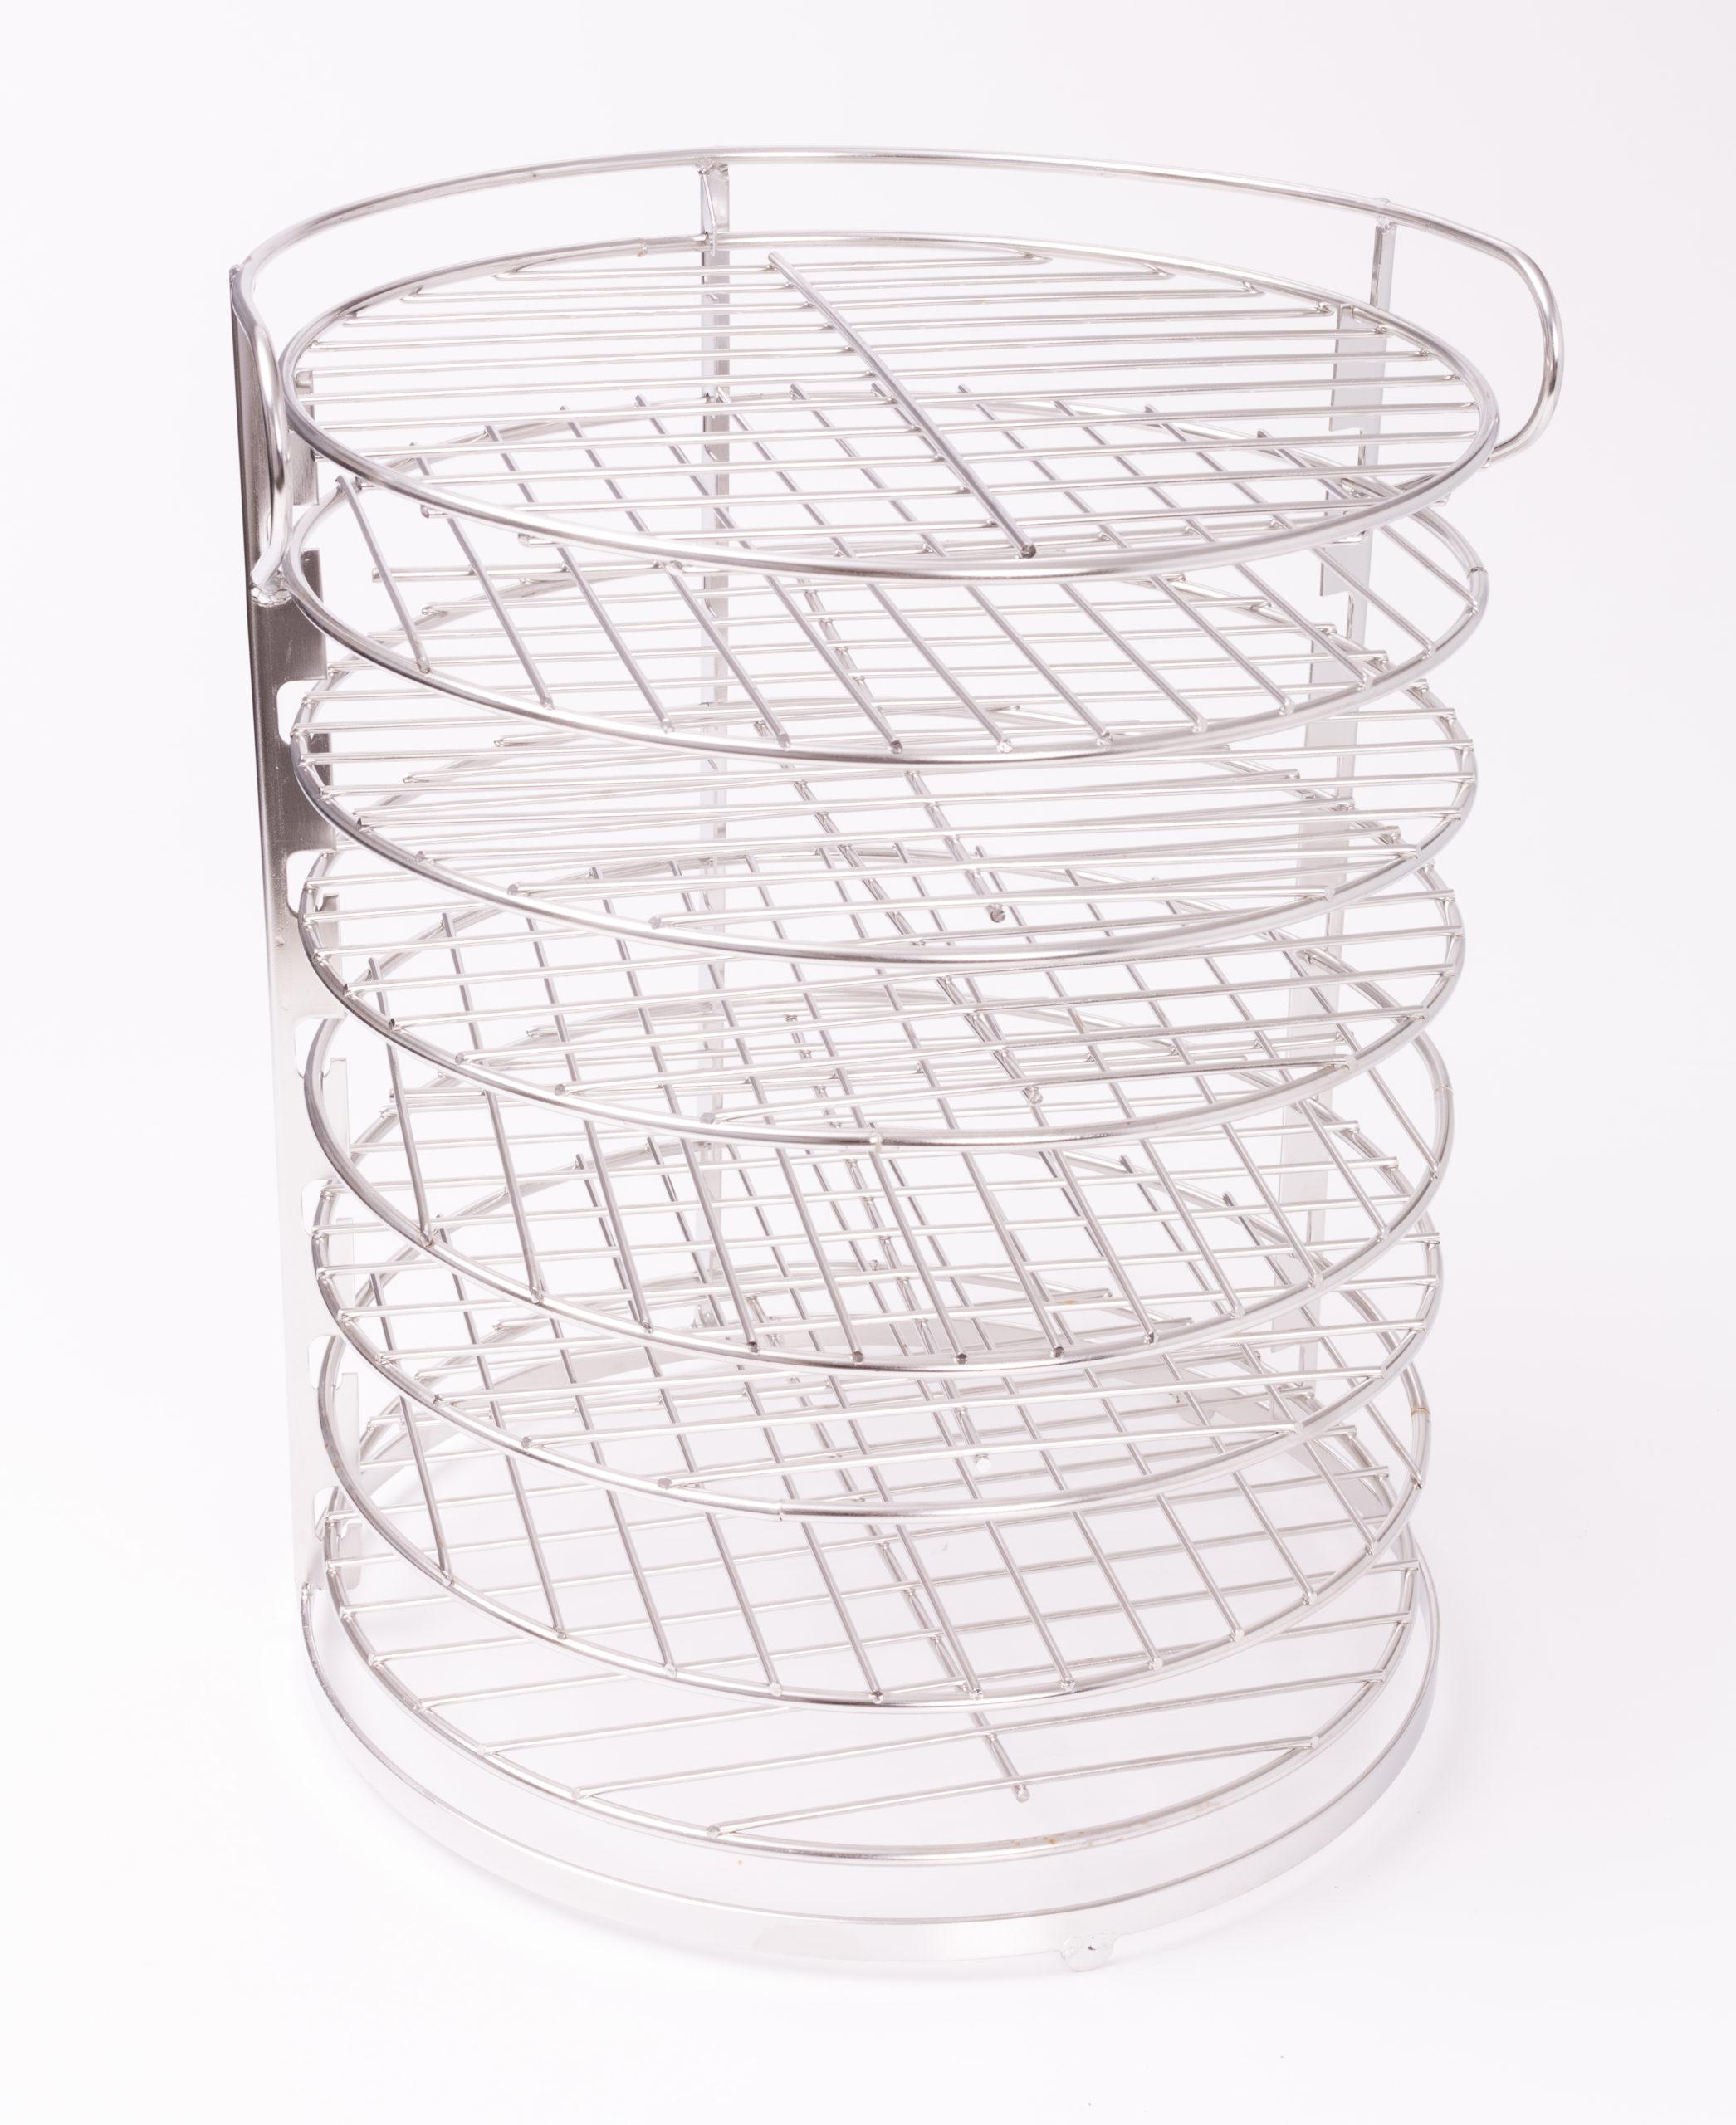 Smokaroma Basket rack